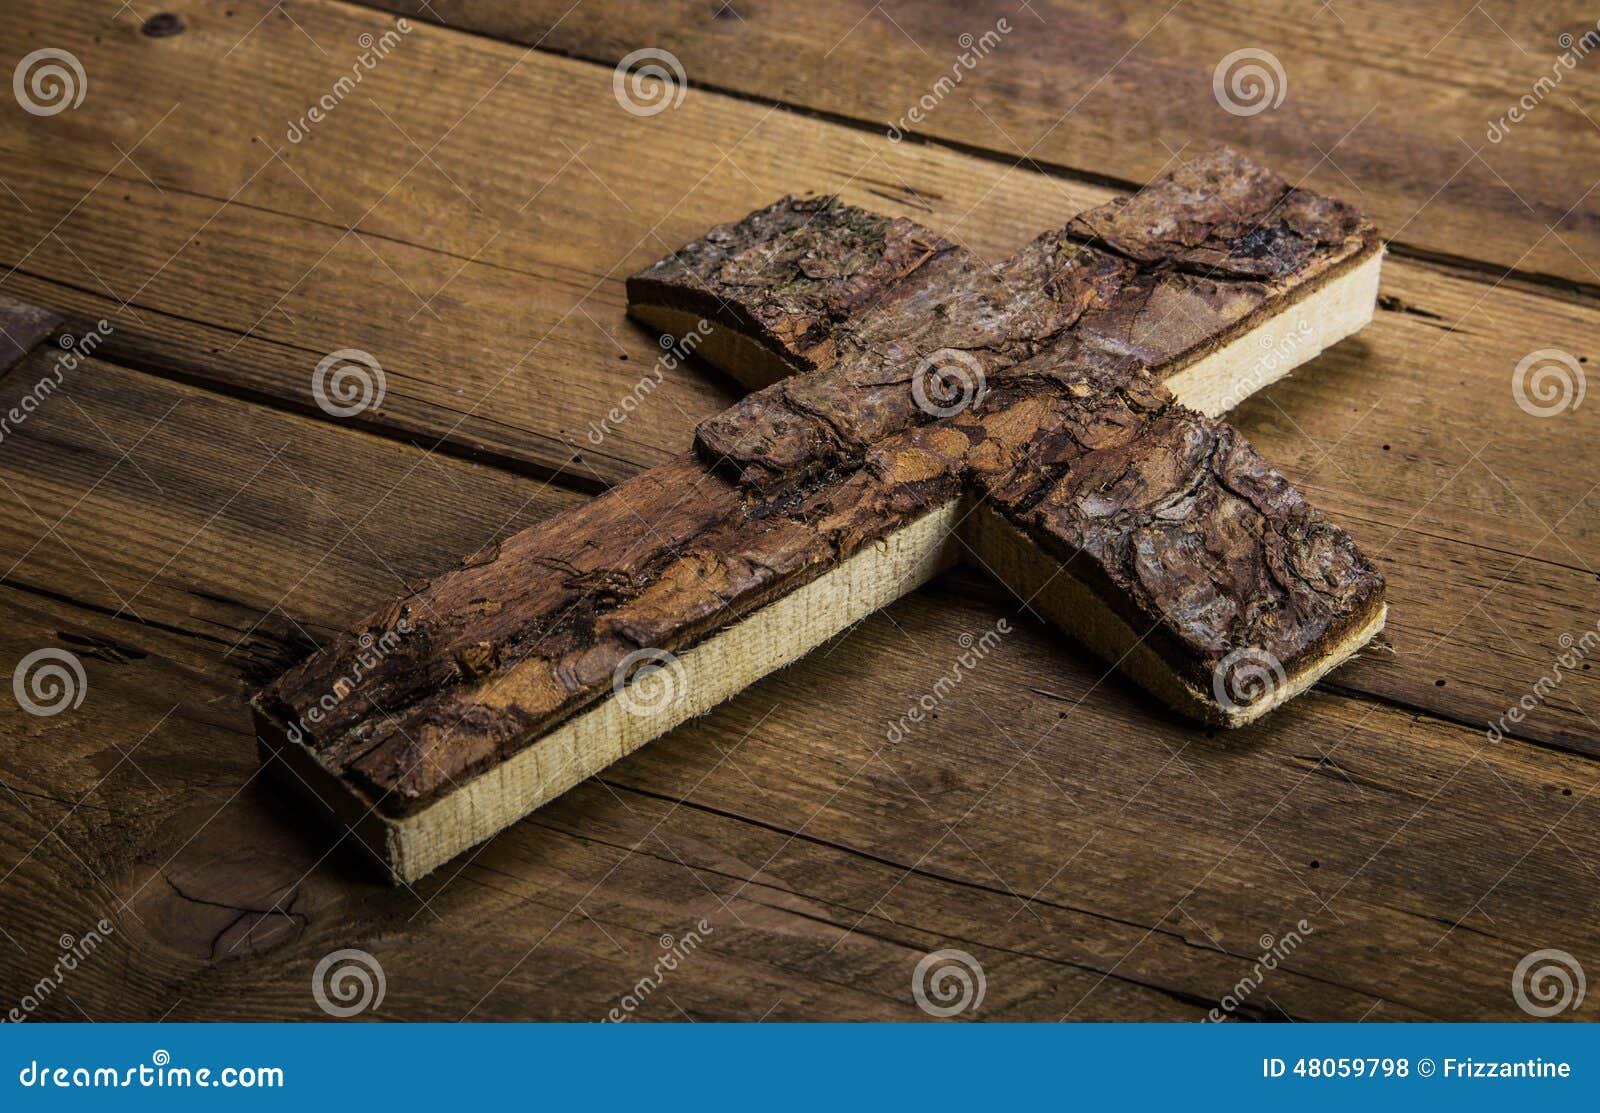 Vieille croix sur le fond en bois pour des concepts de deuil ou de mort